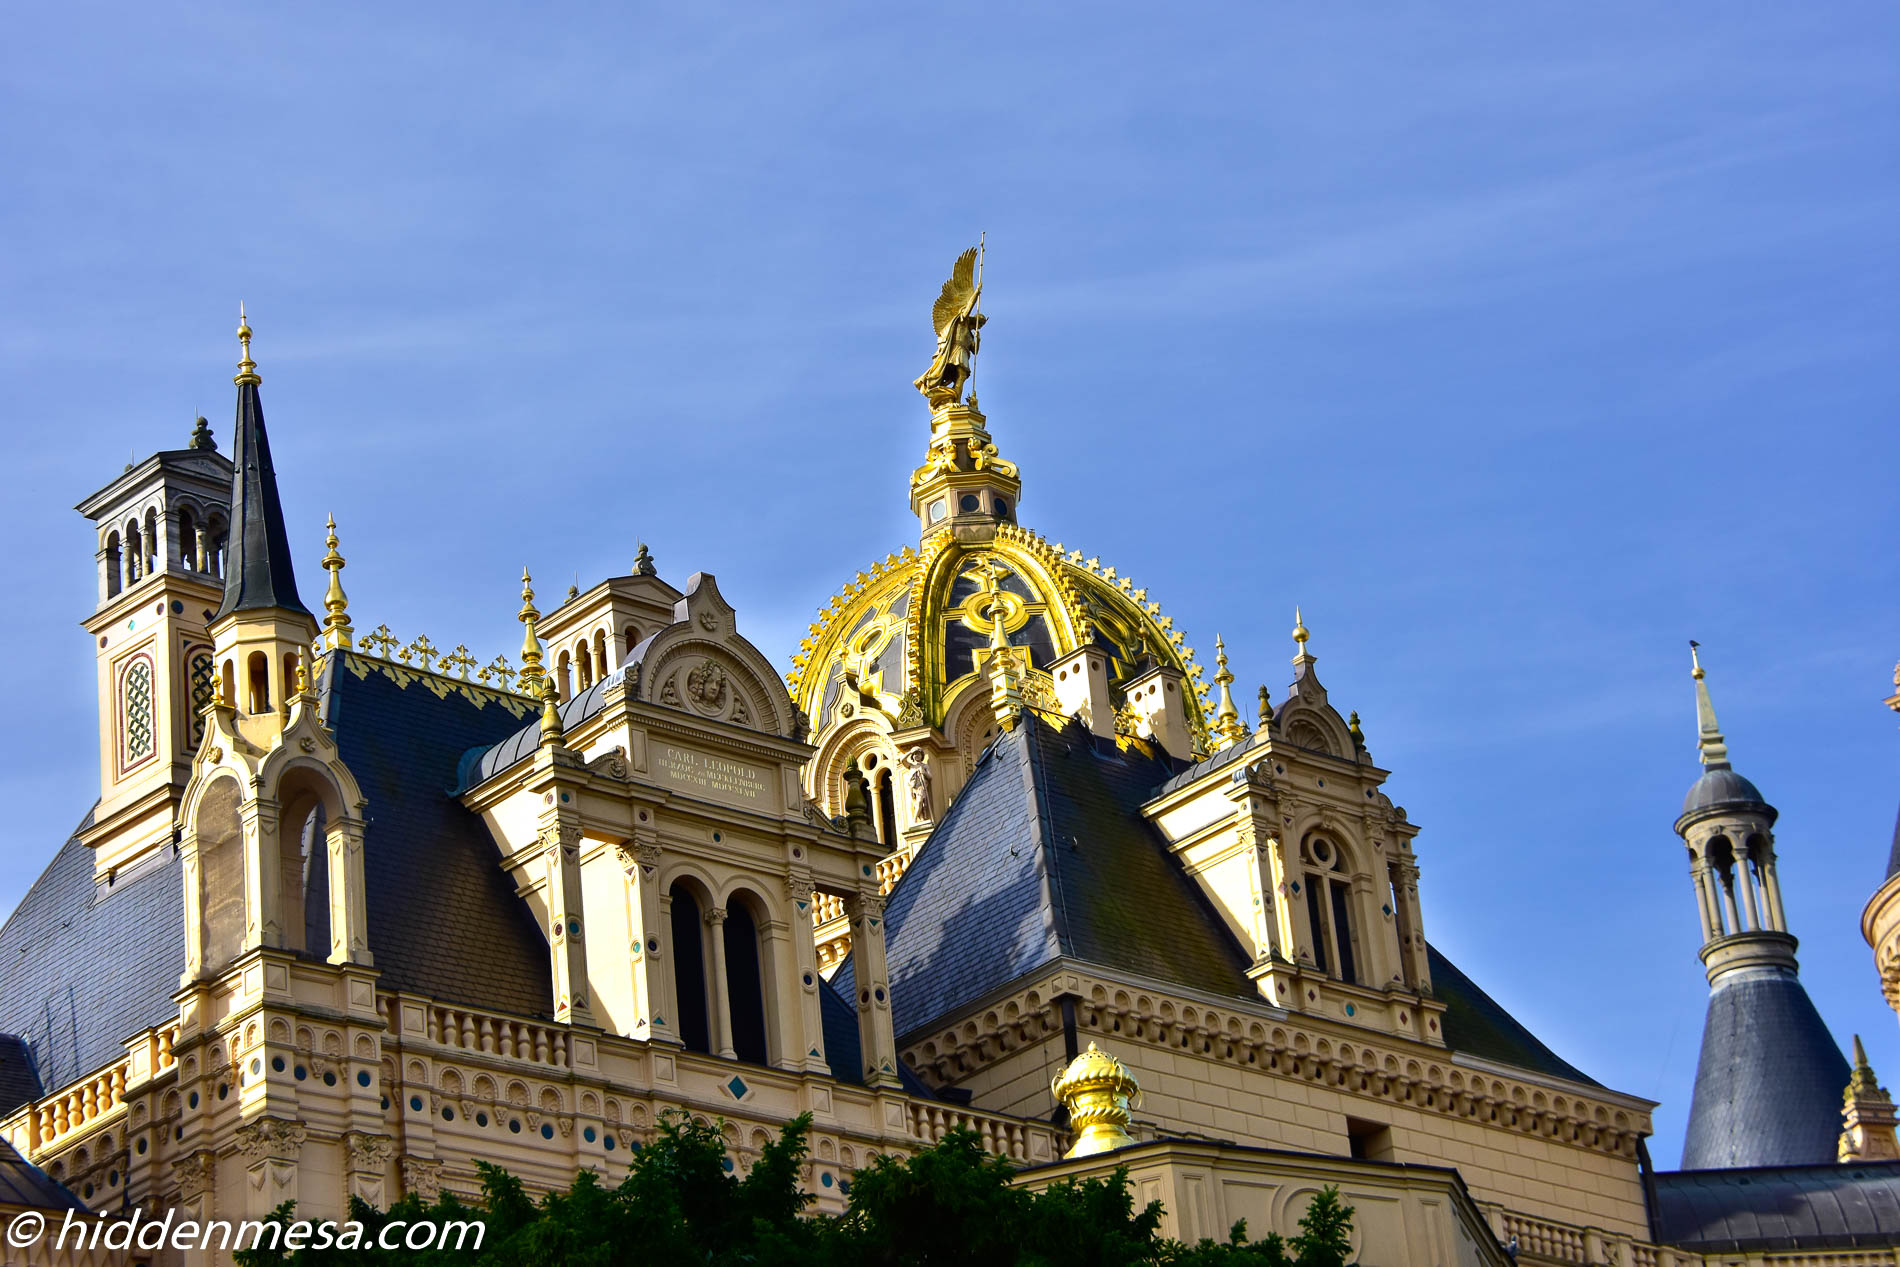 Golden Dome of Schwerin.